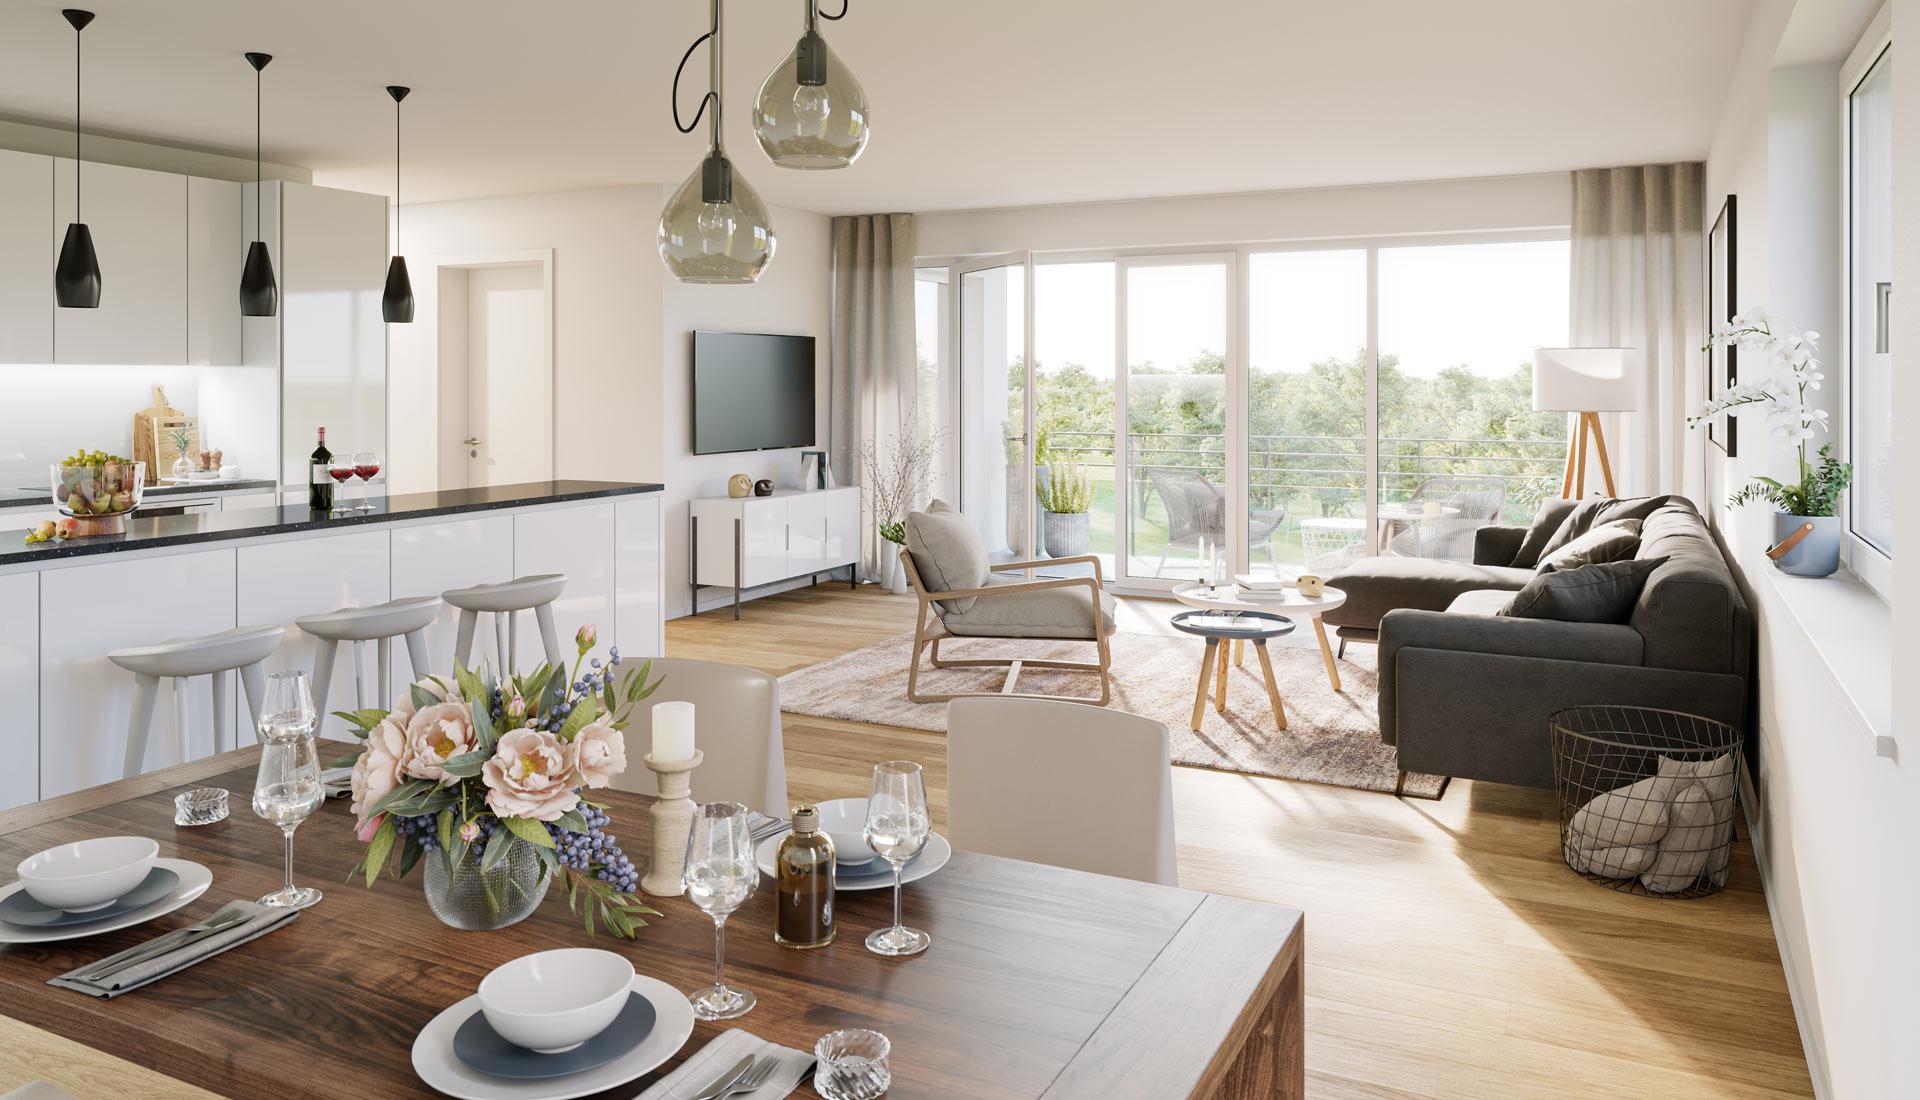 OPUS Marketing / Projekte / Atrio310 Wohnzimmer Rendering